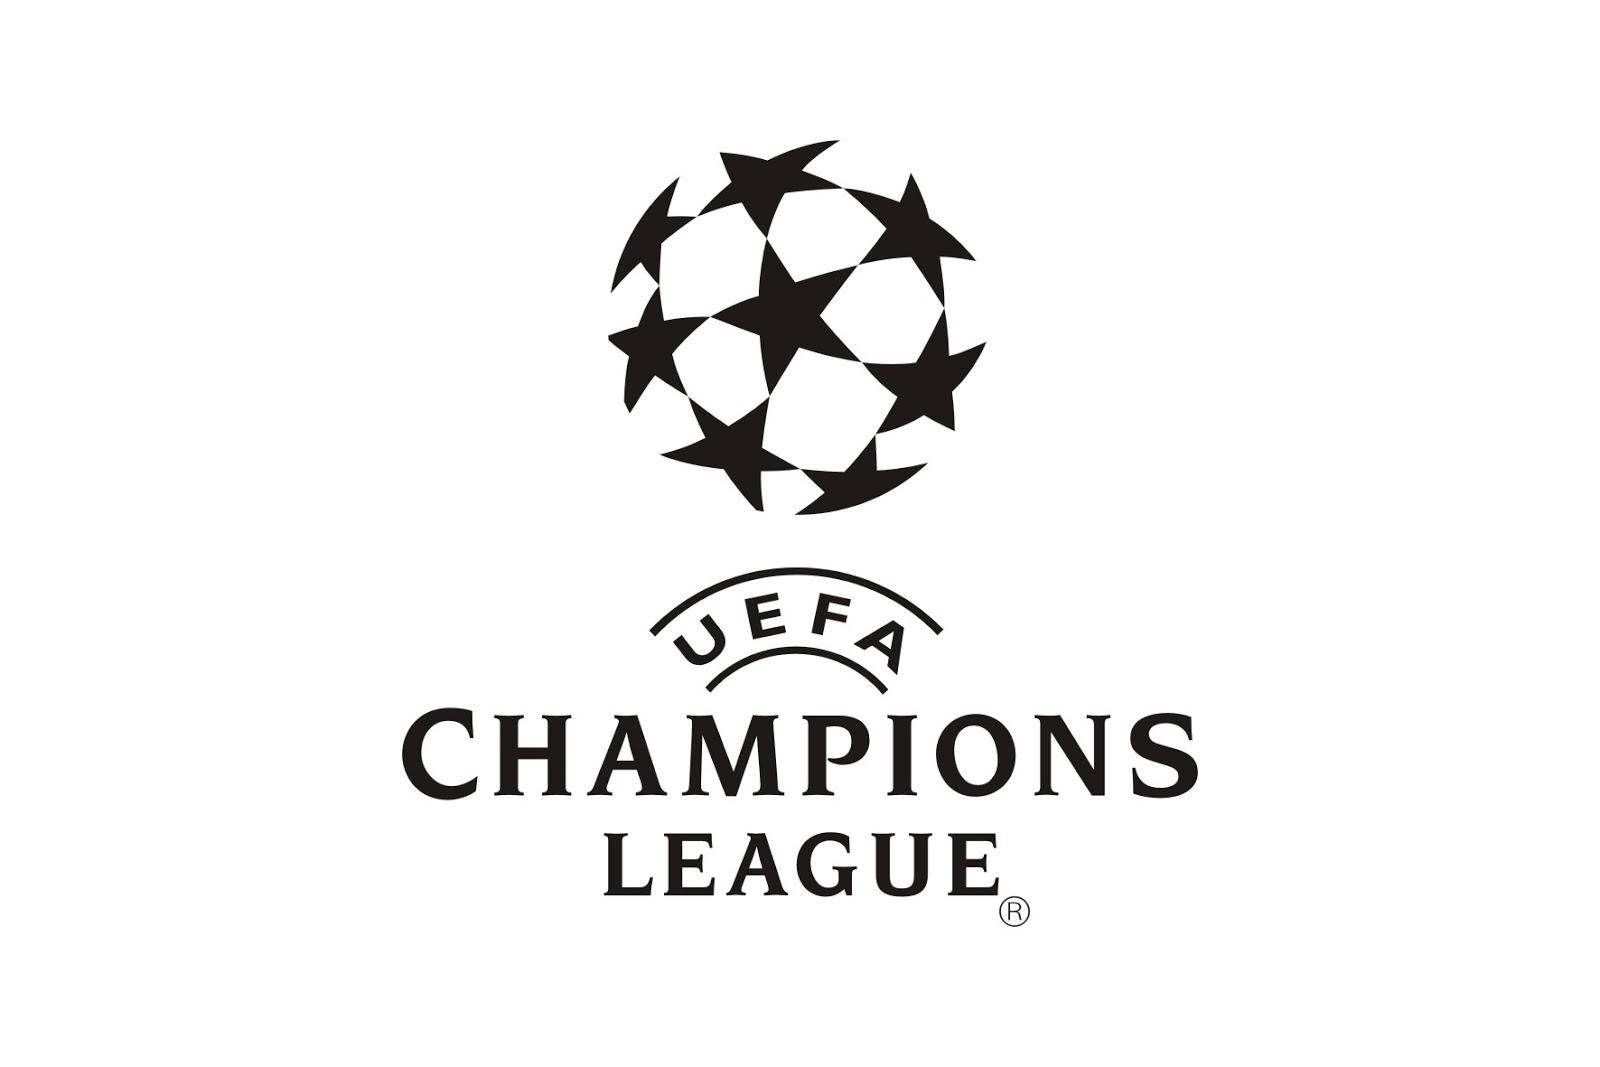 Champions: Roma Sconfitta Dallo Shakhtar 2-1. Senza Reti Siviglia-Man Utd